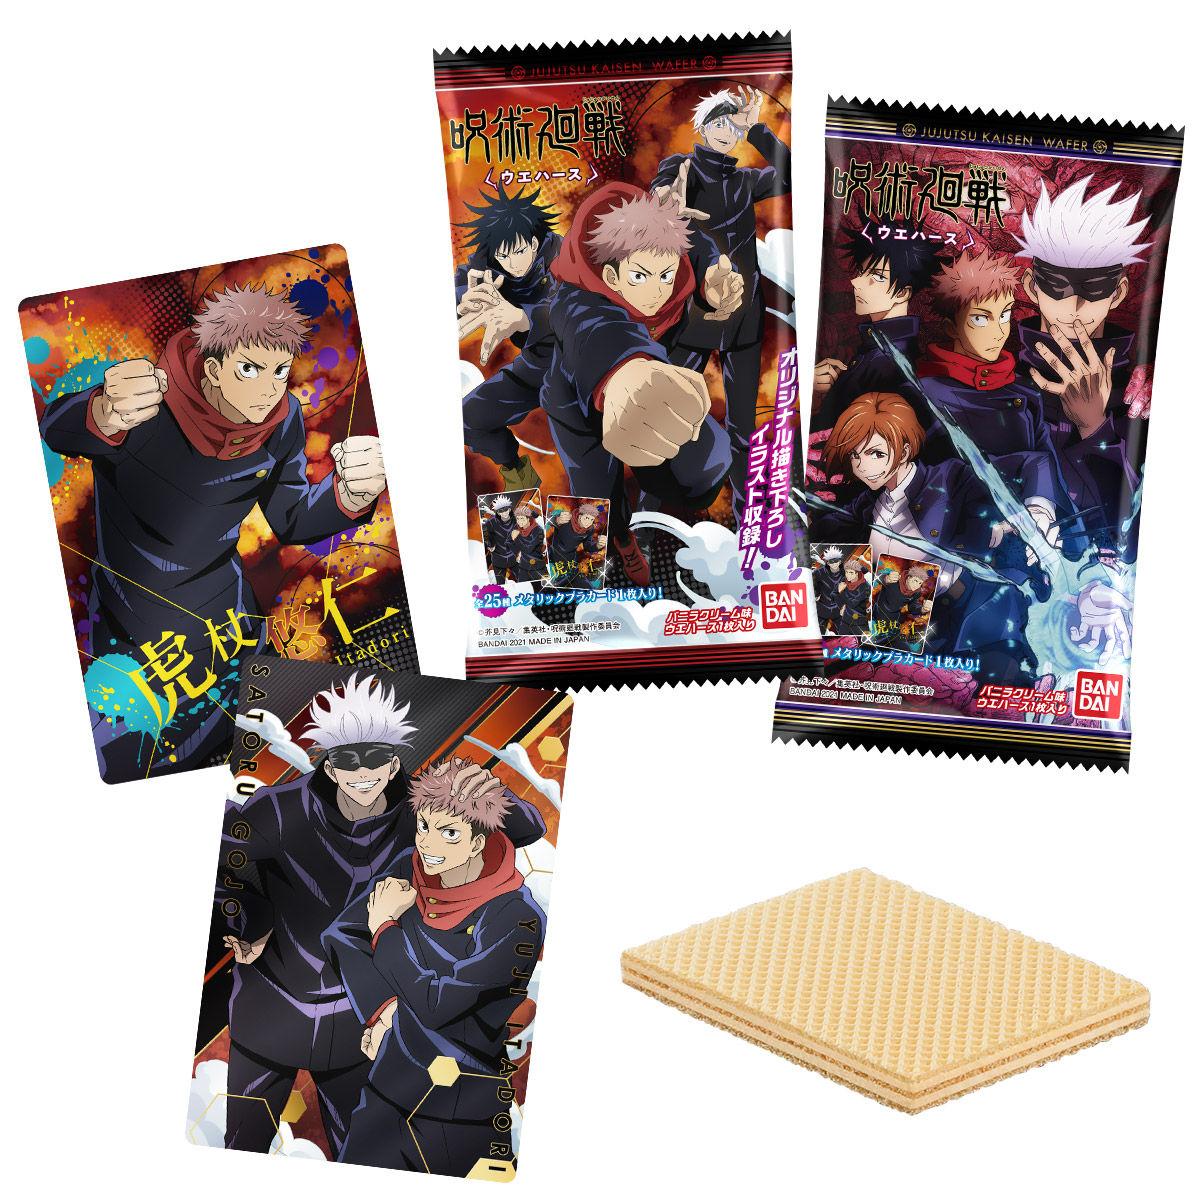 【食玩】呪術廻戦『呪術廻戦ウエハース』20個入りBOX-001